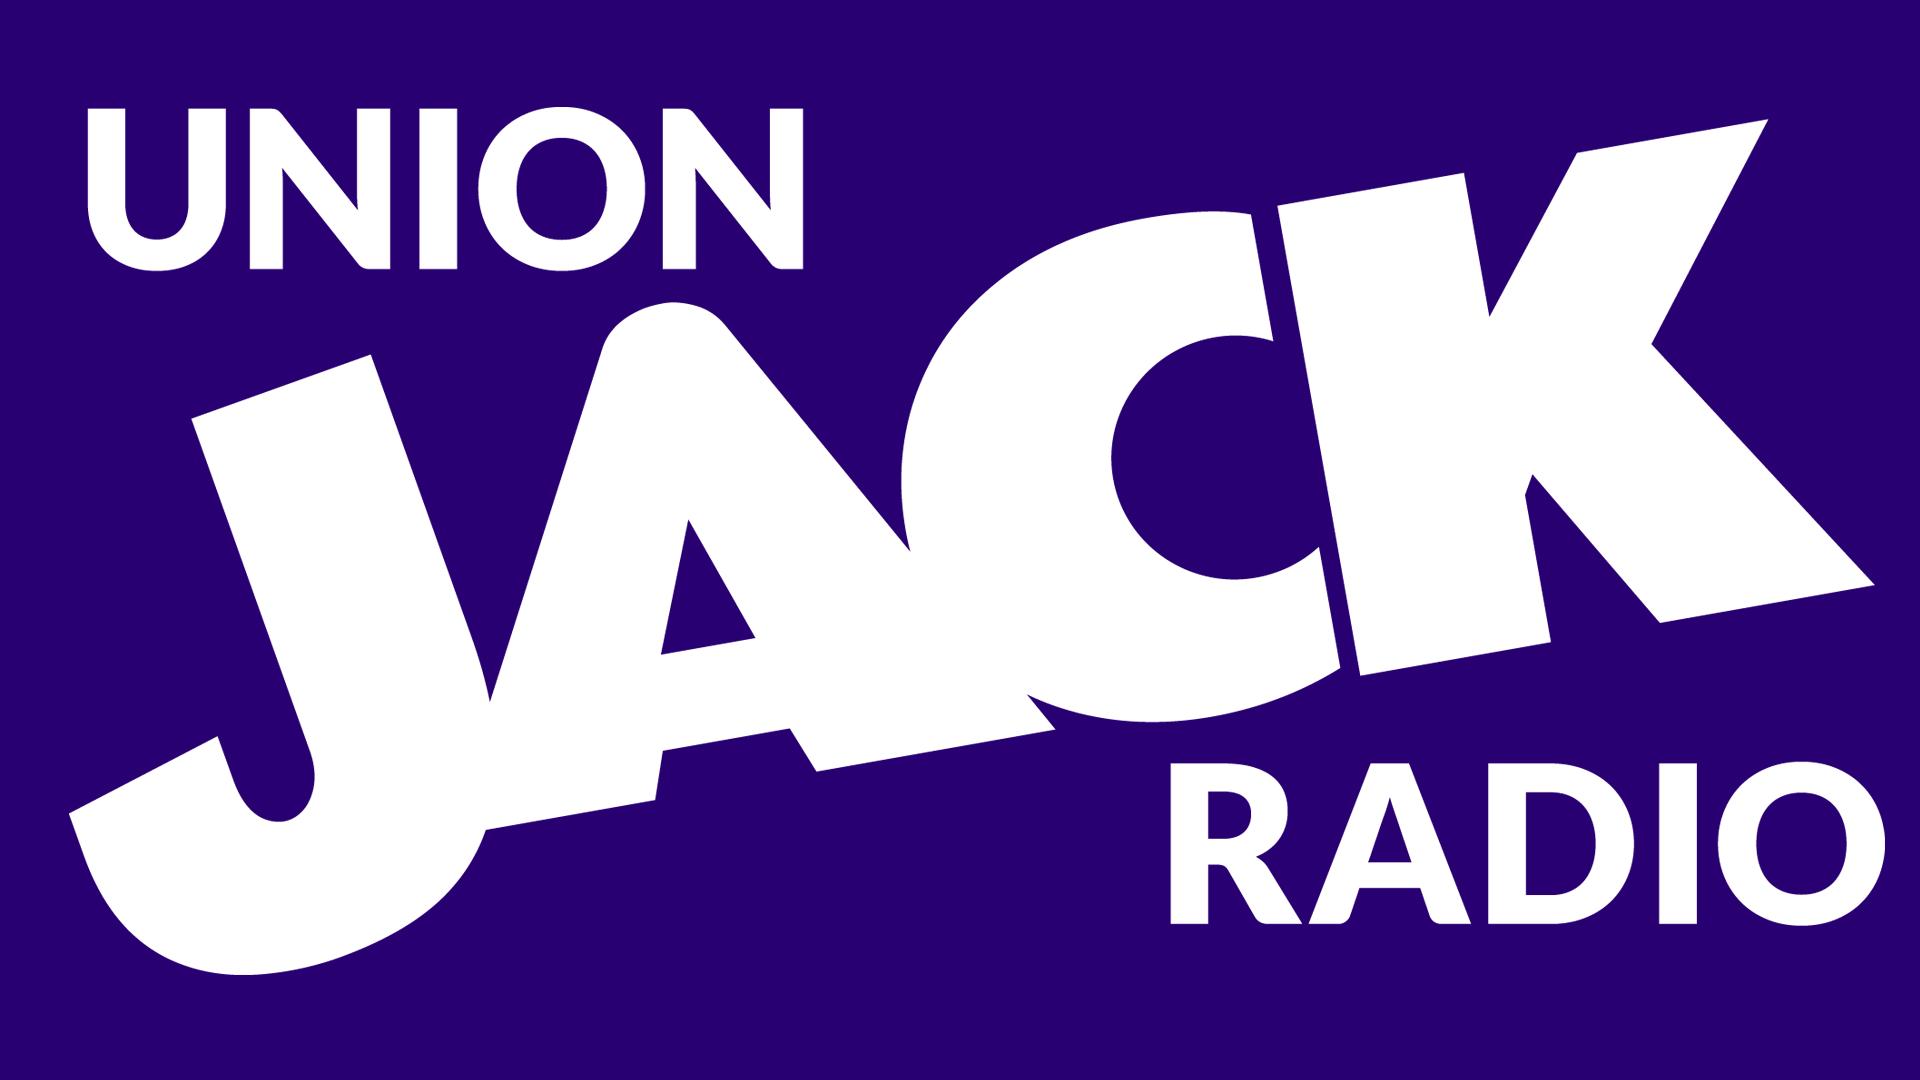 www.unionjack.co.uk